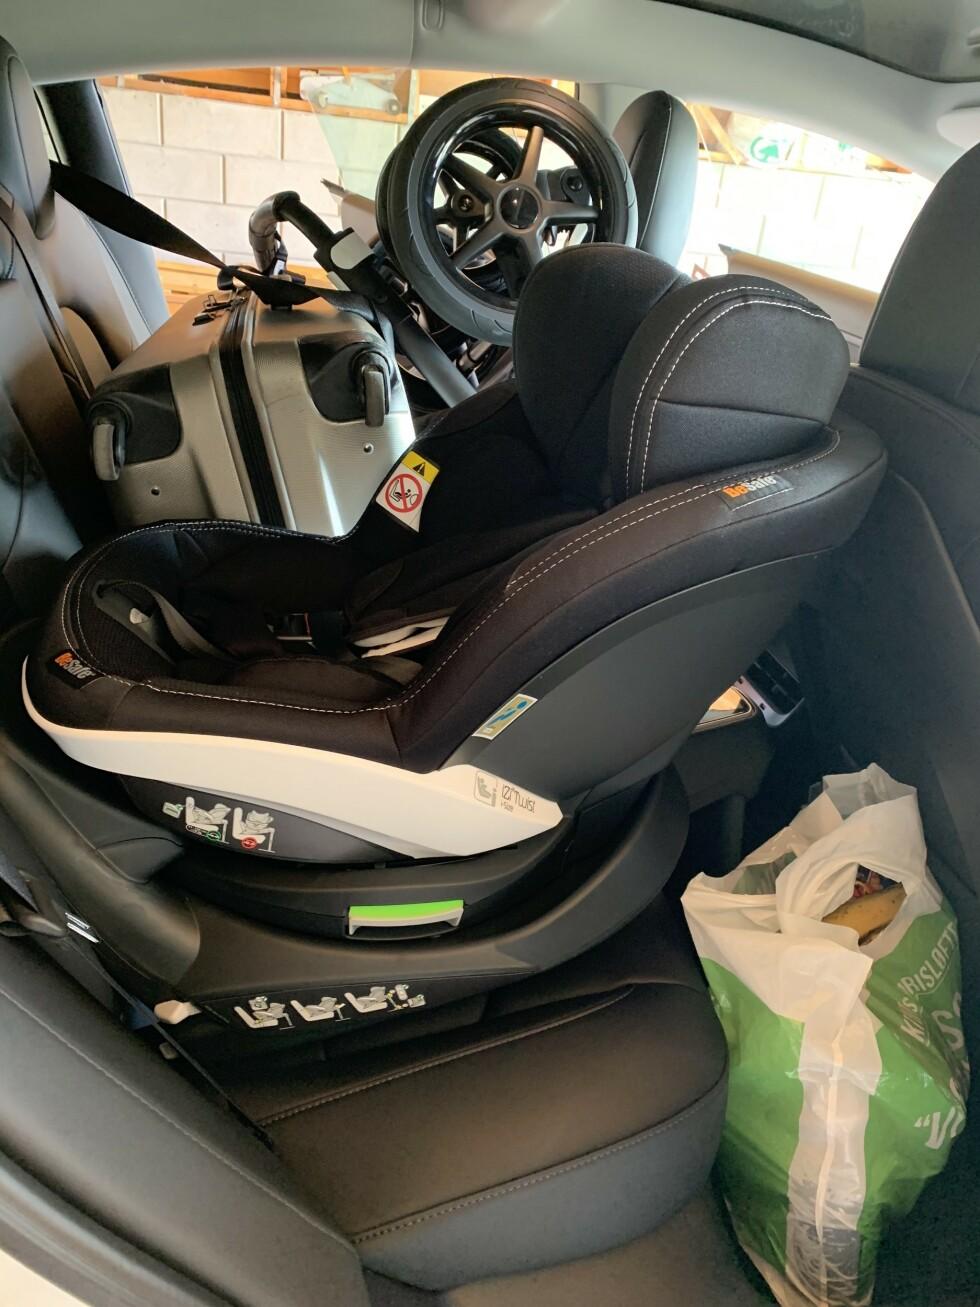 IKKE ANBEFALT: I hvert fall om du skal ha et barn sittende i barnesetet, ville vi ikke ha plassert bagasjen i selen ved siden av. Foto: Øystein B. Fossum